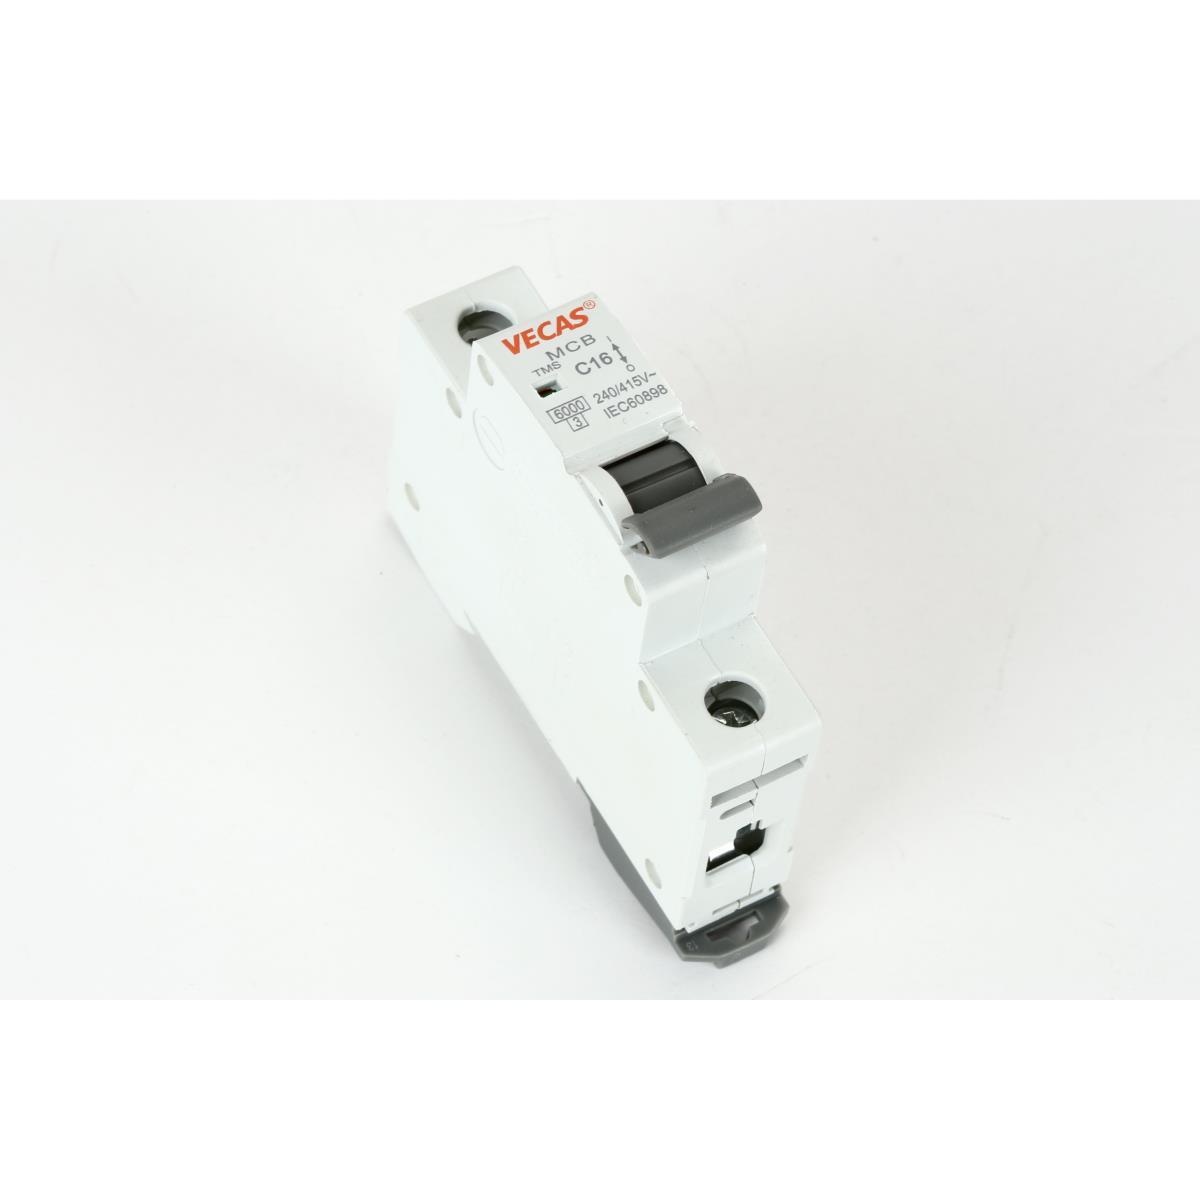 Leitungsschutzschalter Sicherungsautomat  B, 1-polig, 10A LS-Schalter,Vecas,L7-10-1-B, 4770364101489